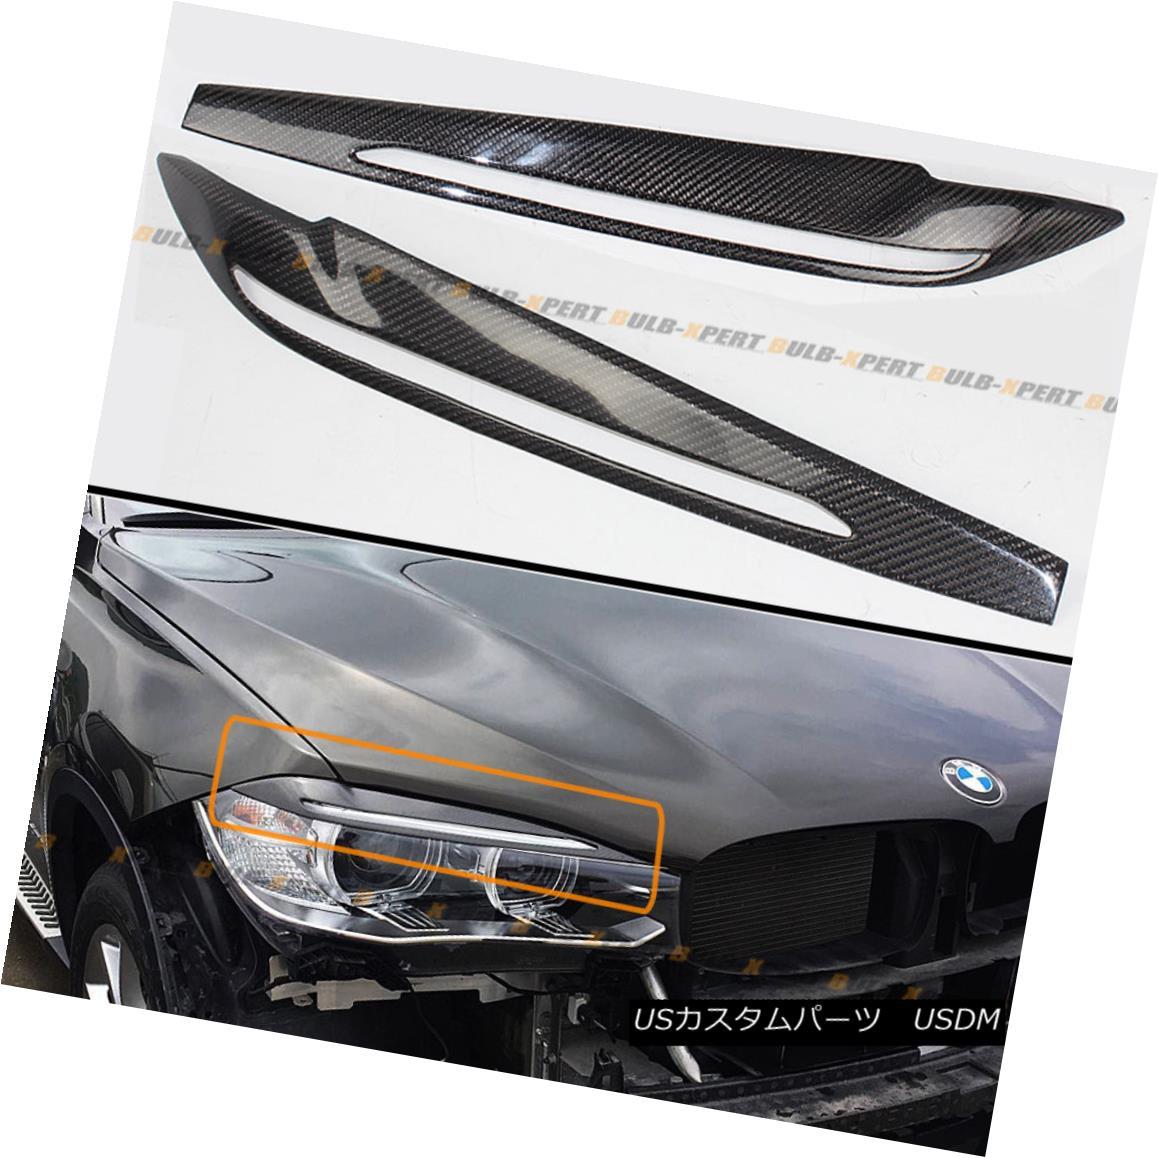 エアロパーツ FOR 2015-17 BMW F16 X6 F86 X6M CARBON FIBER HEADLIGHT EYE LID COVER EYEBROW PAIR 2015-17 BMW F16 X6 F86 X6Mカーボンファイバーヘッドライトアイリッドカバーアイブロウペア